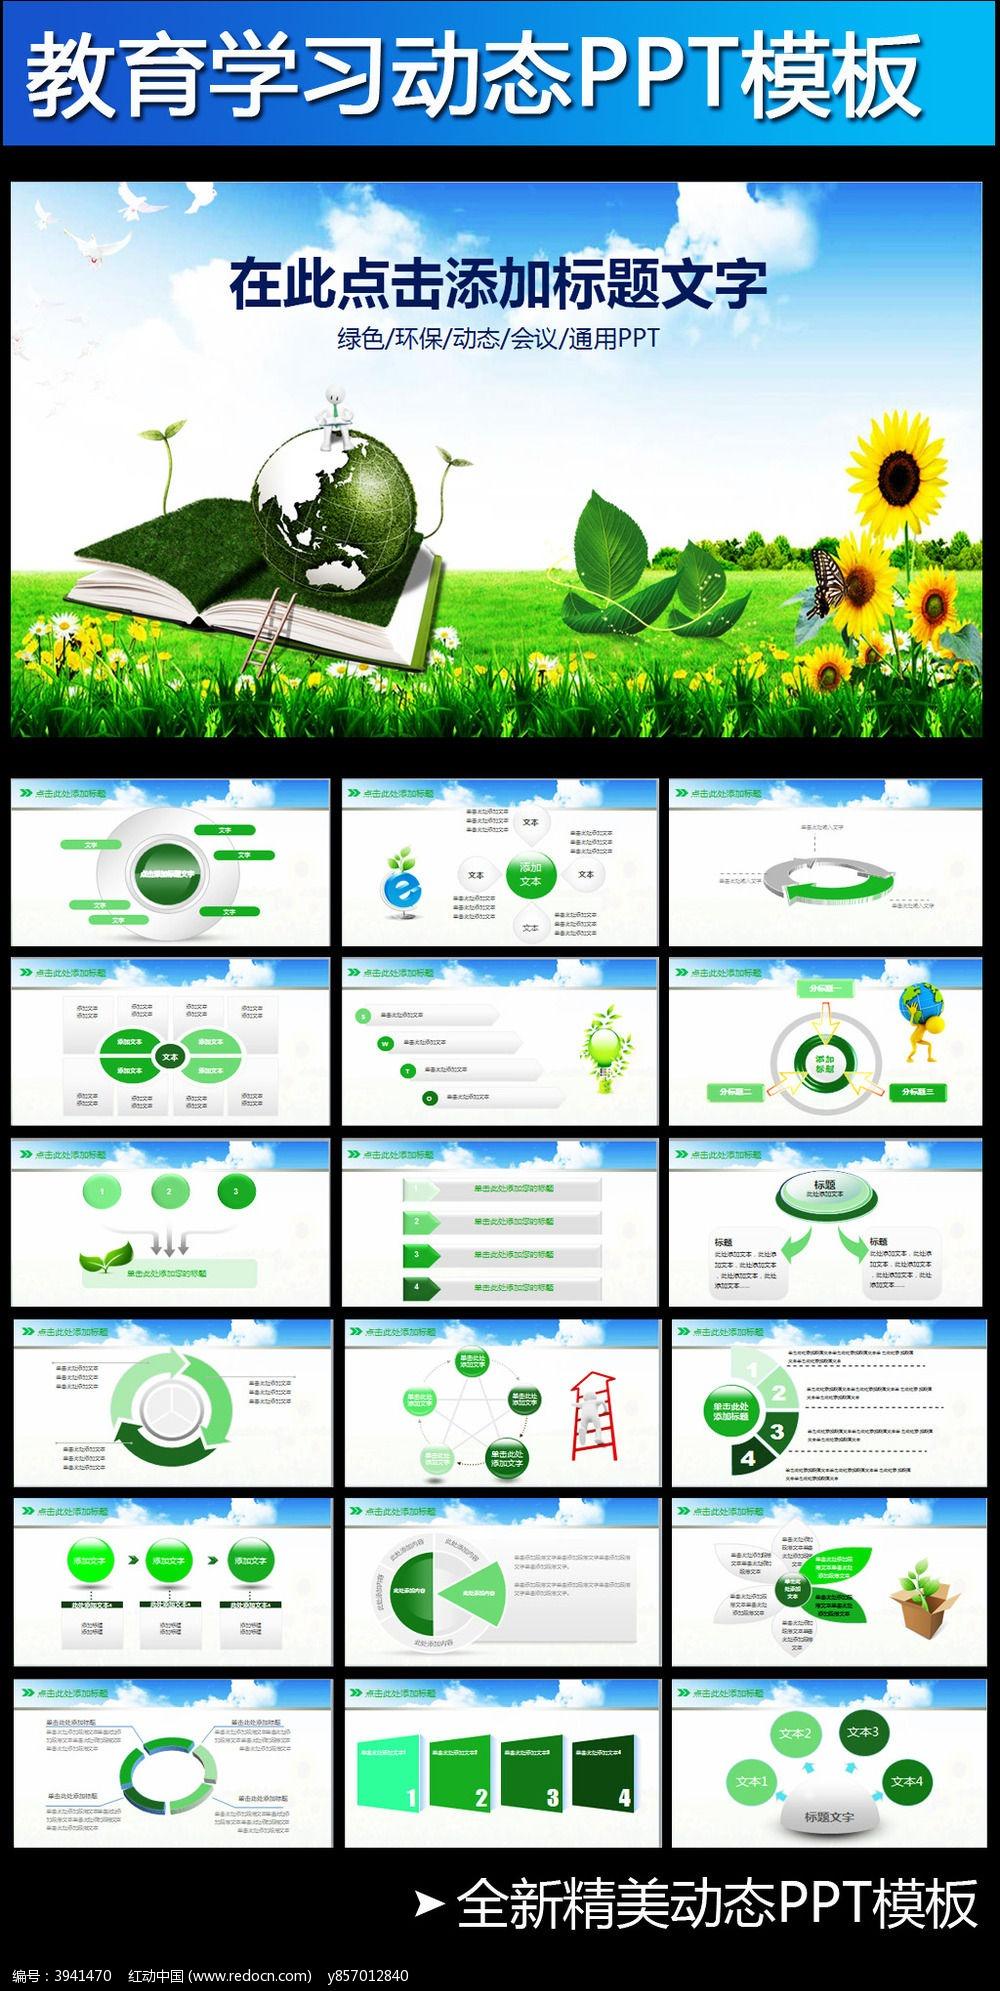 绿色教育学习课件动态ppt模板pptx素材下载